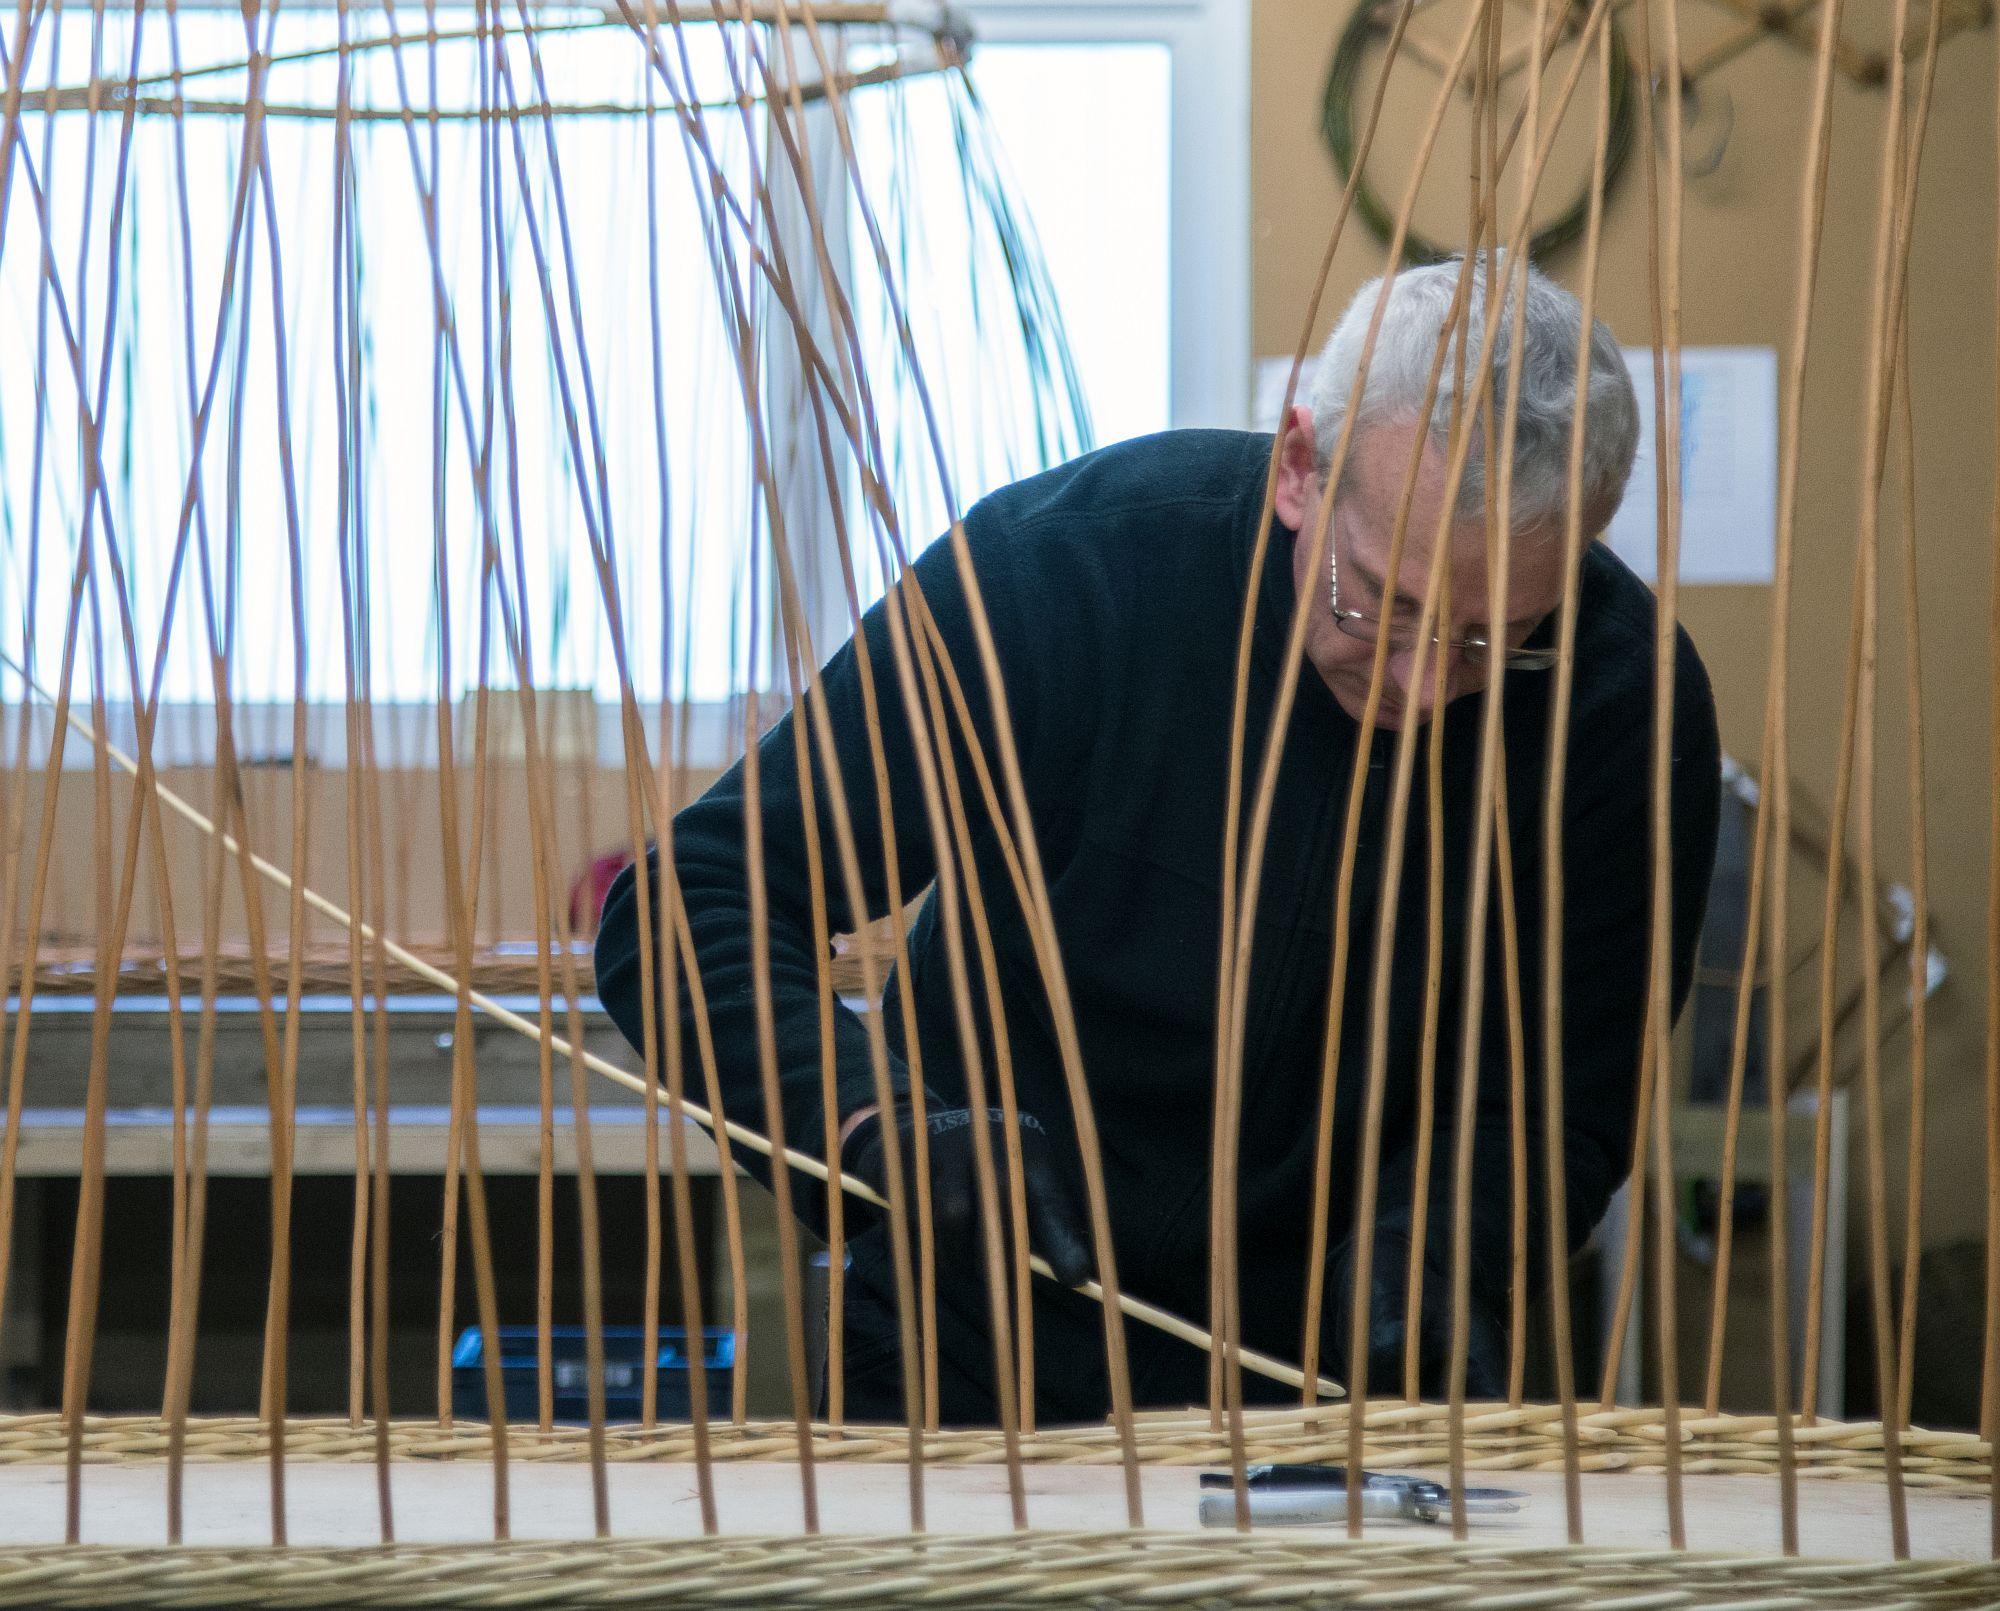 Weaving a willow / wicker coffin